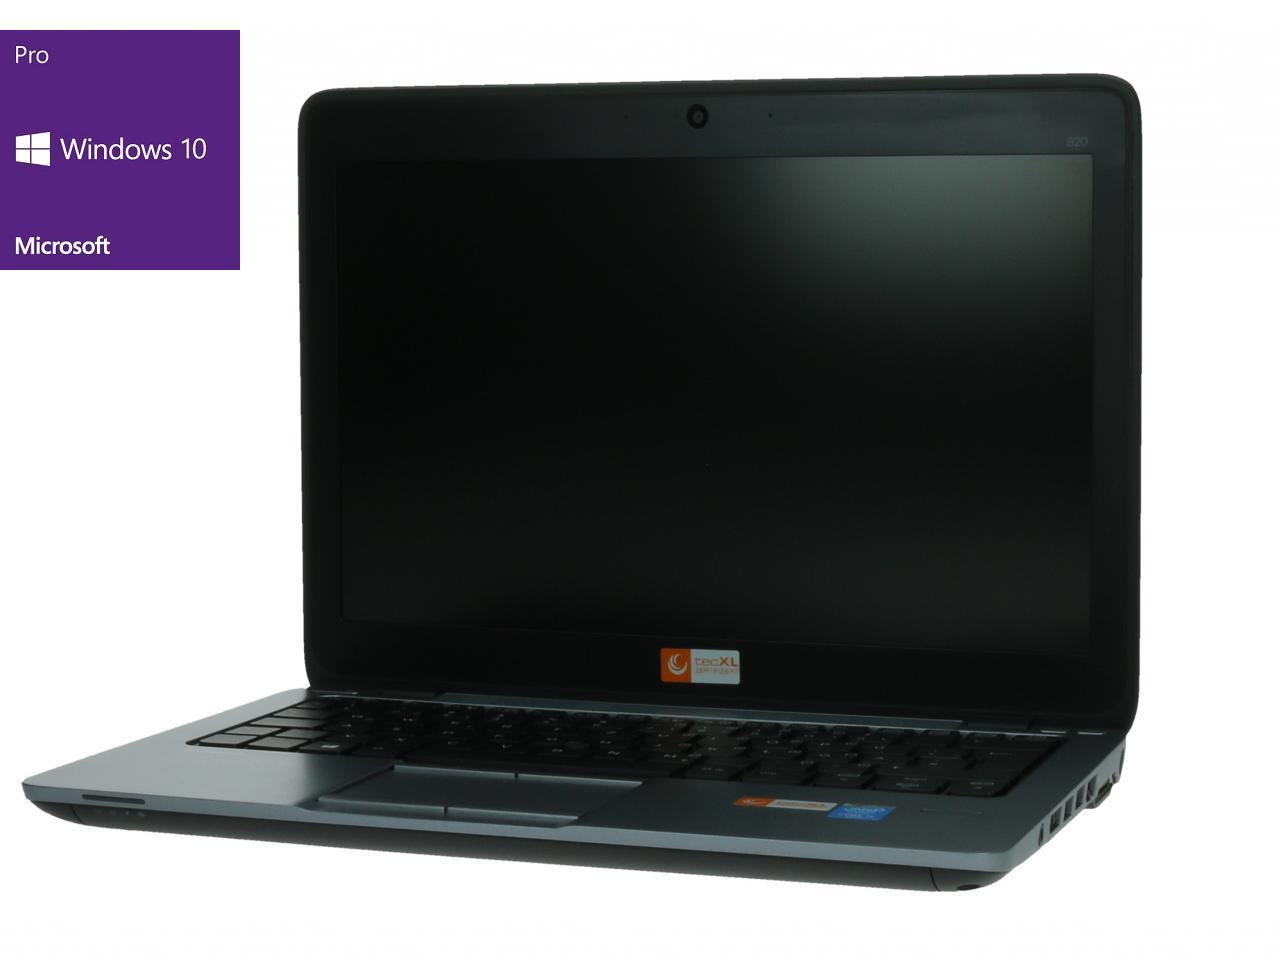 Hewlett Packard EliteBook 820 G1  - shop.bb-net.de